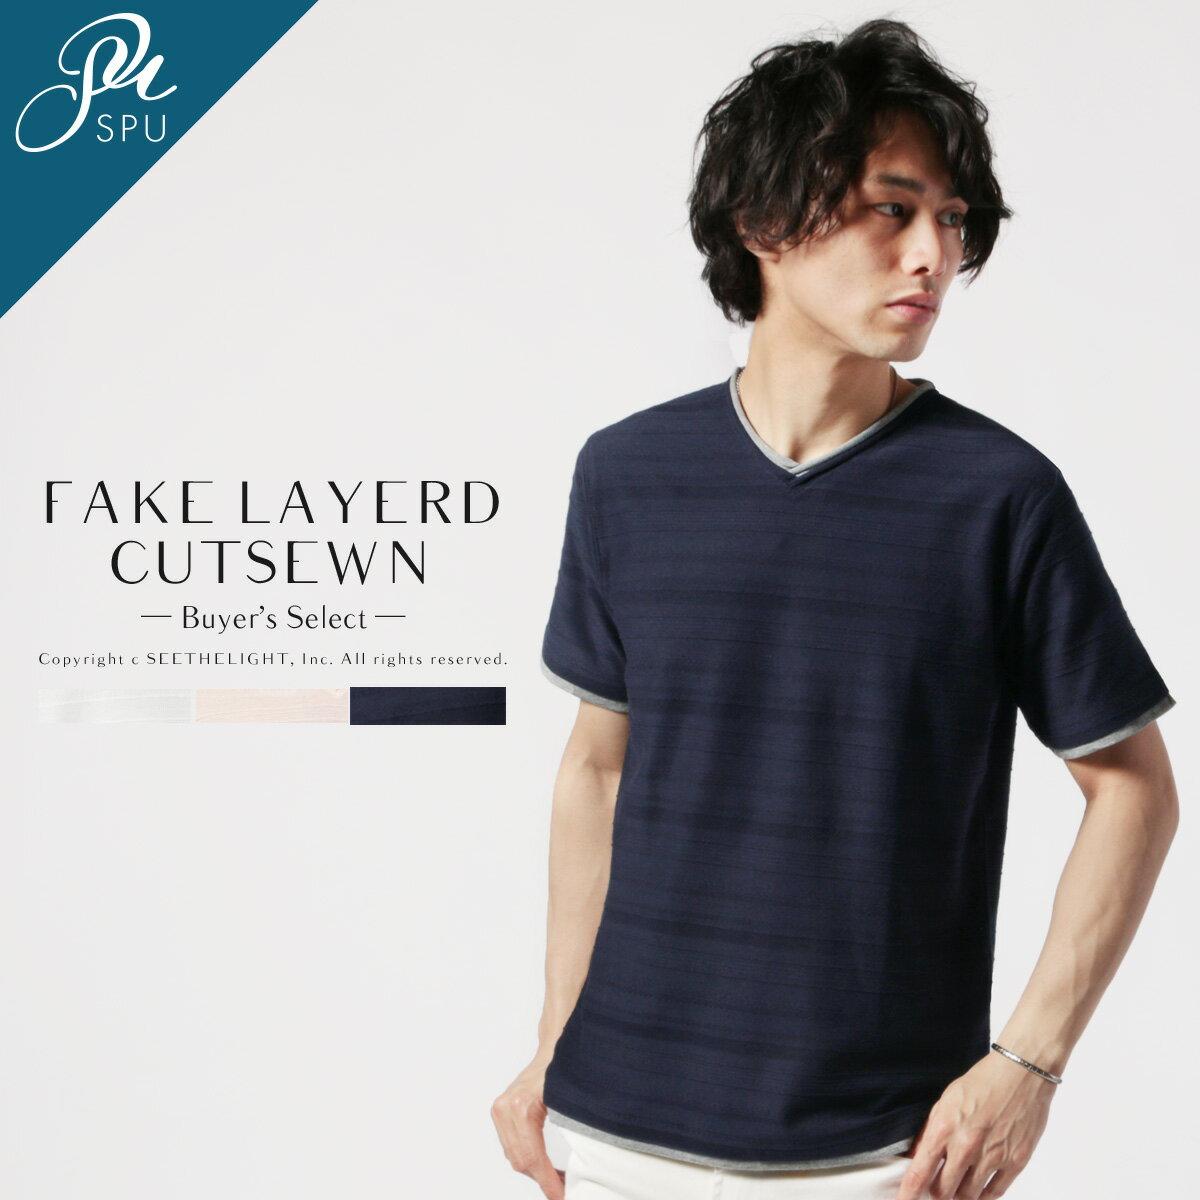 メンズ カットソー メンズファッション ジャガード フェイクレイヤード クルーネック 半袖 カットソー Buyer's Select バイヤーズセレクト